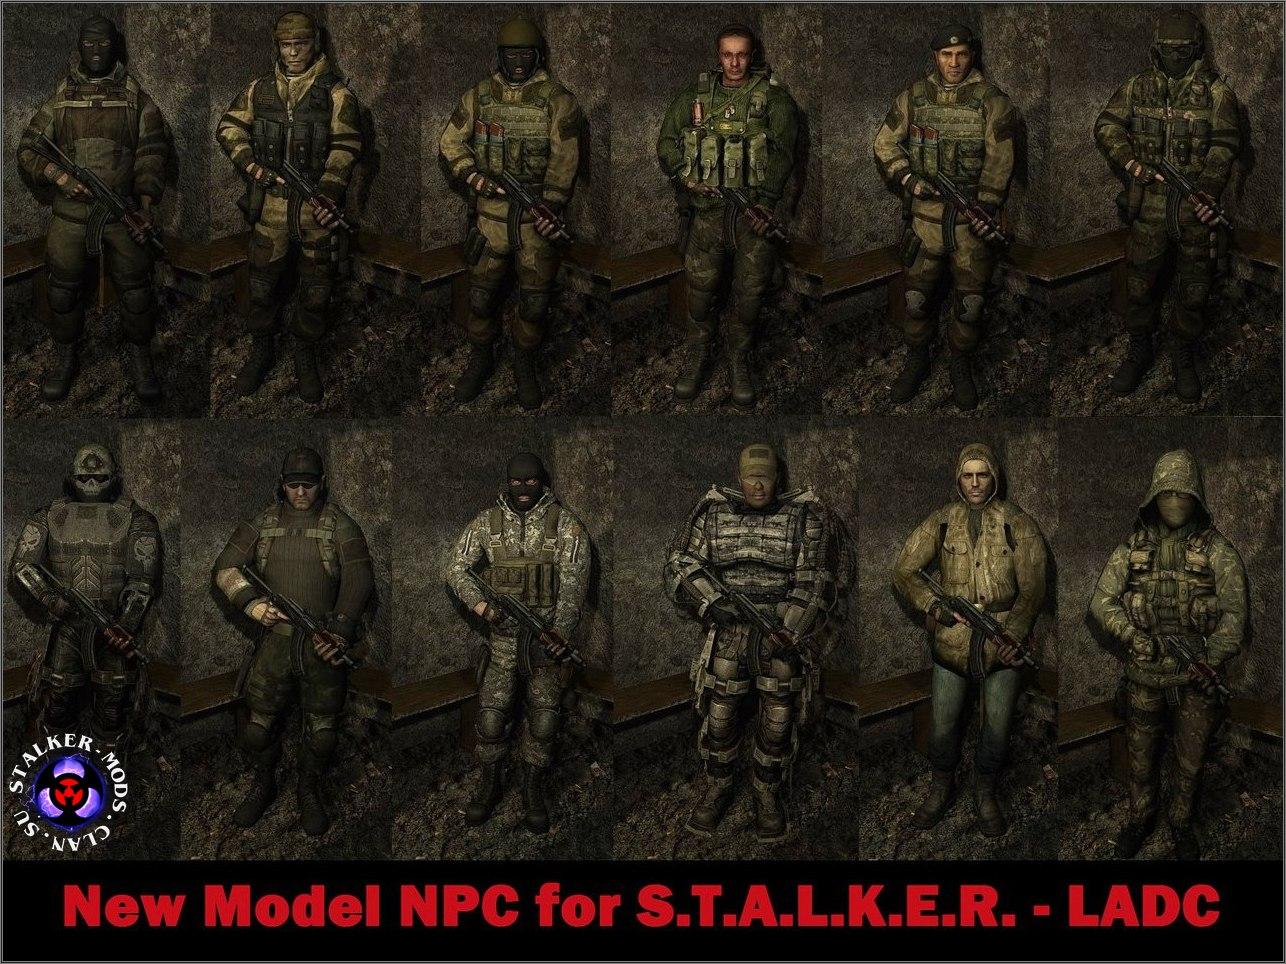 New Model NPC for S.T.A.L.K.E.R.